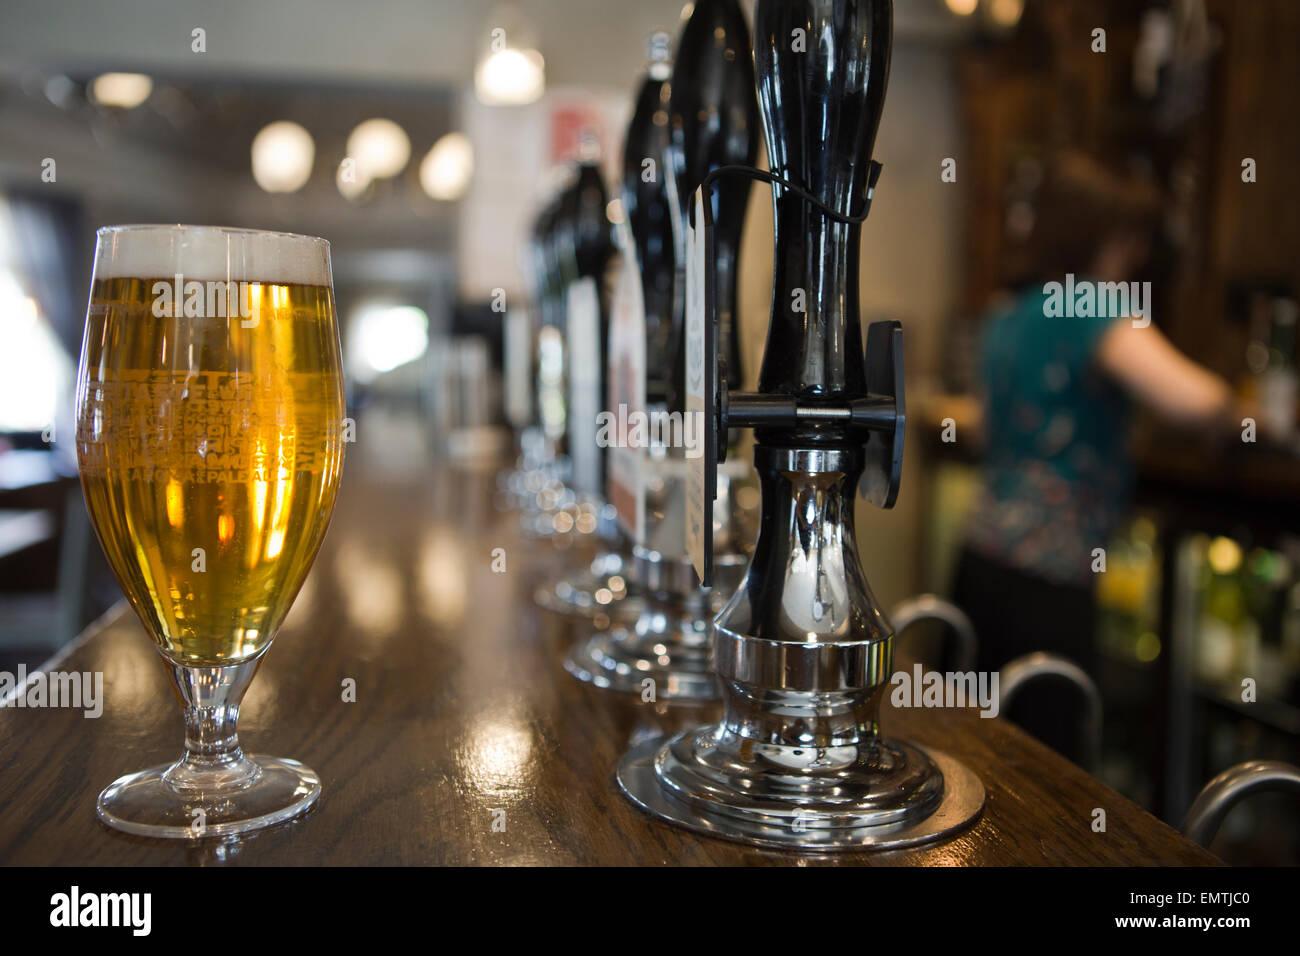 Une pinte de bière dans un pub avec un membre du personnel derrière le bar Banque D'Images